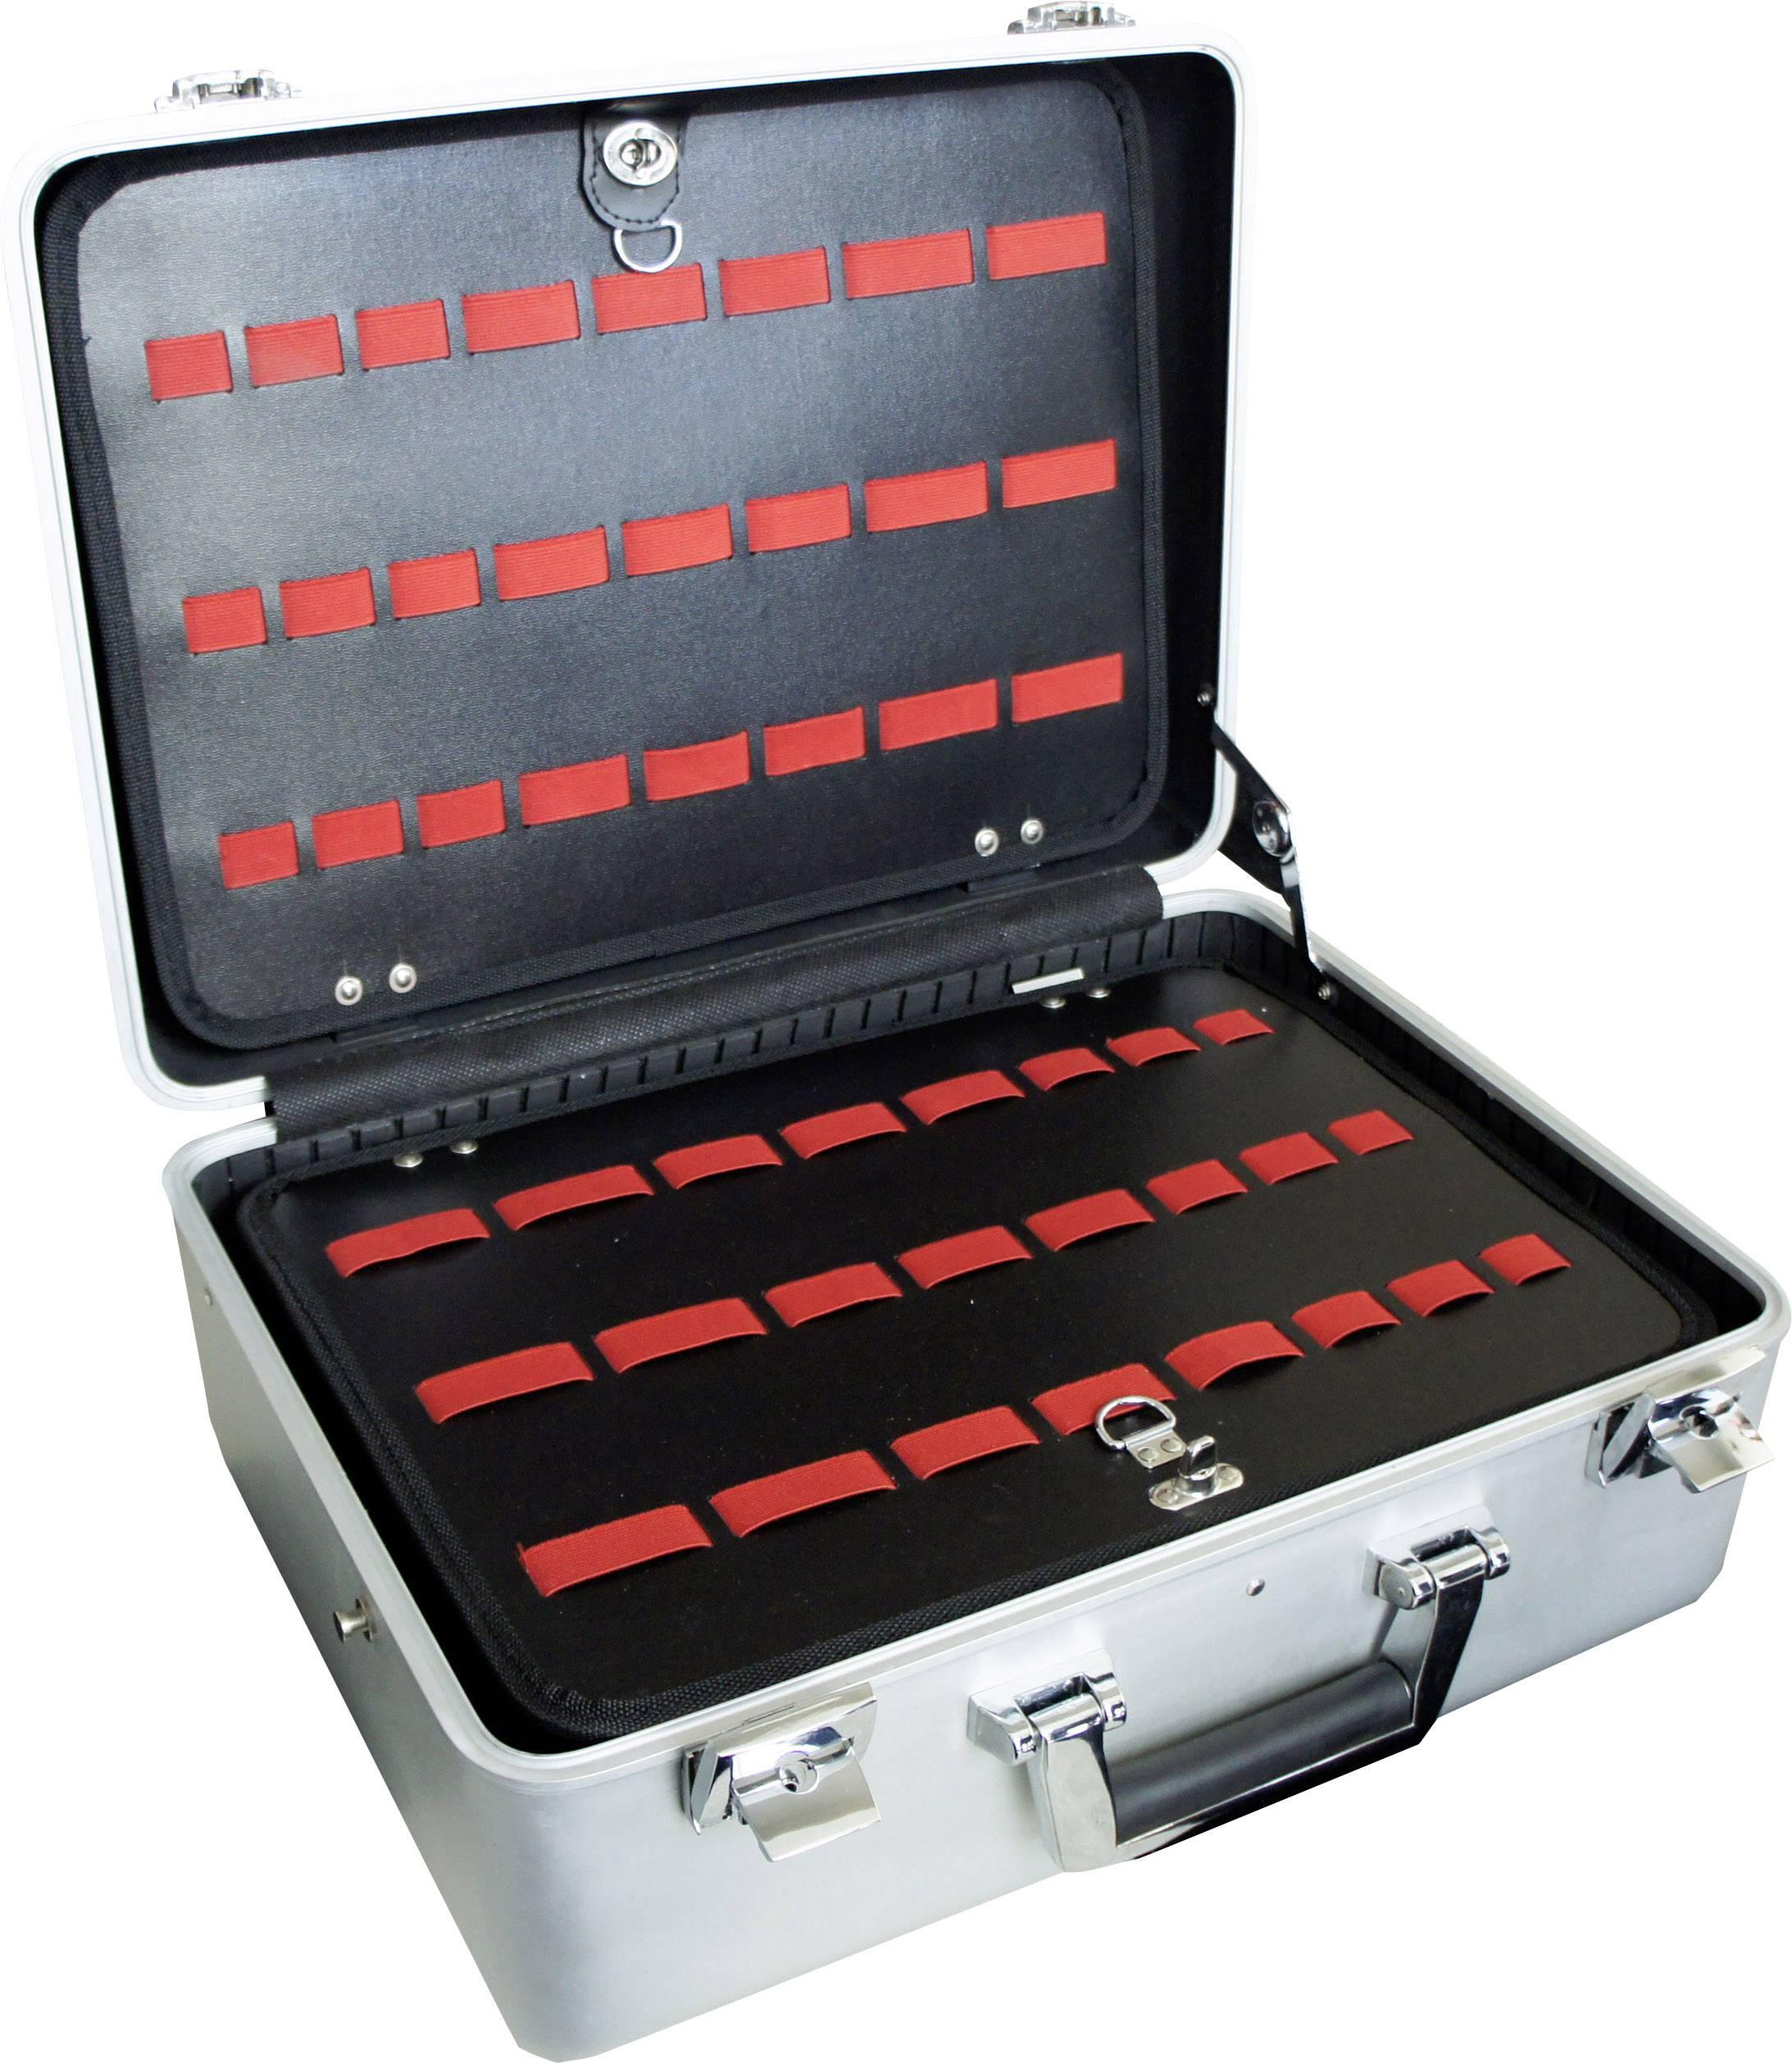 6d3c6a3f20055 Walizka narzędziowa bez wyposażenia VISO MC1806, (SxWxG) 440 x 125 x ...